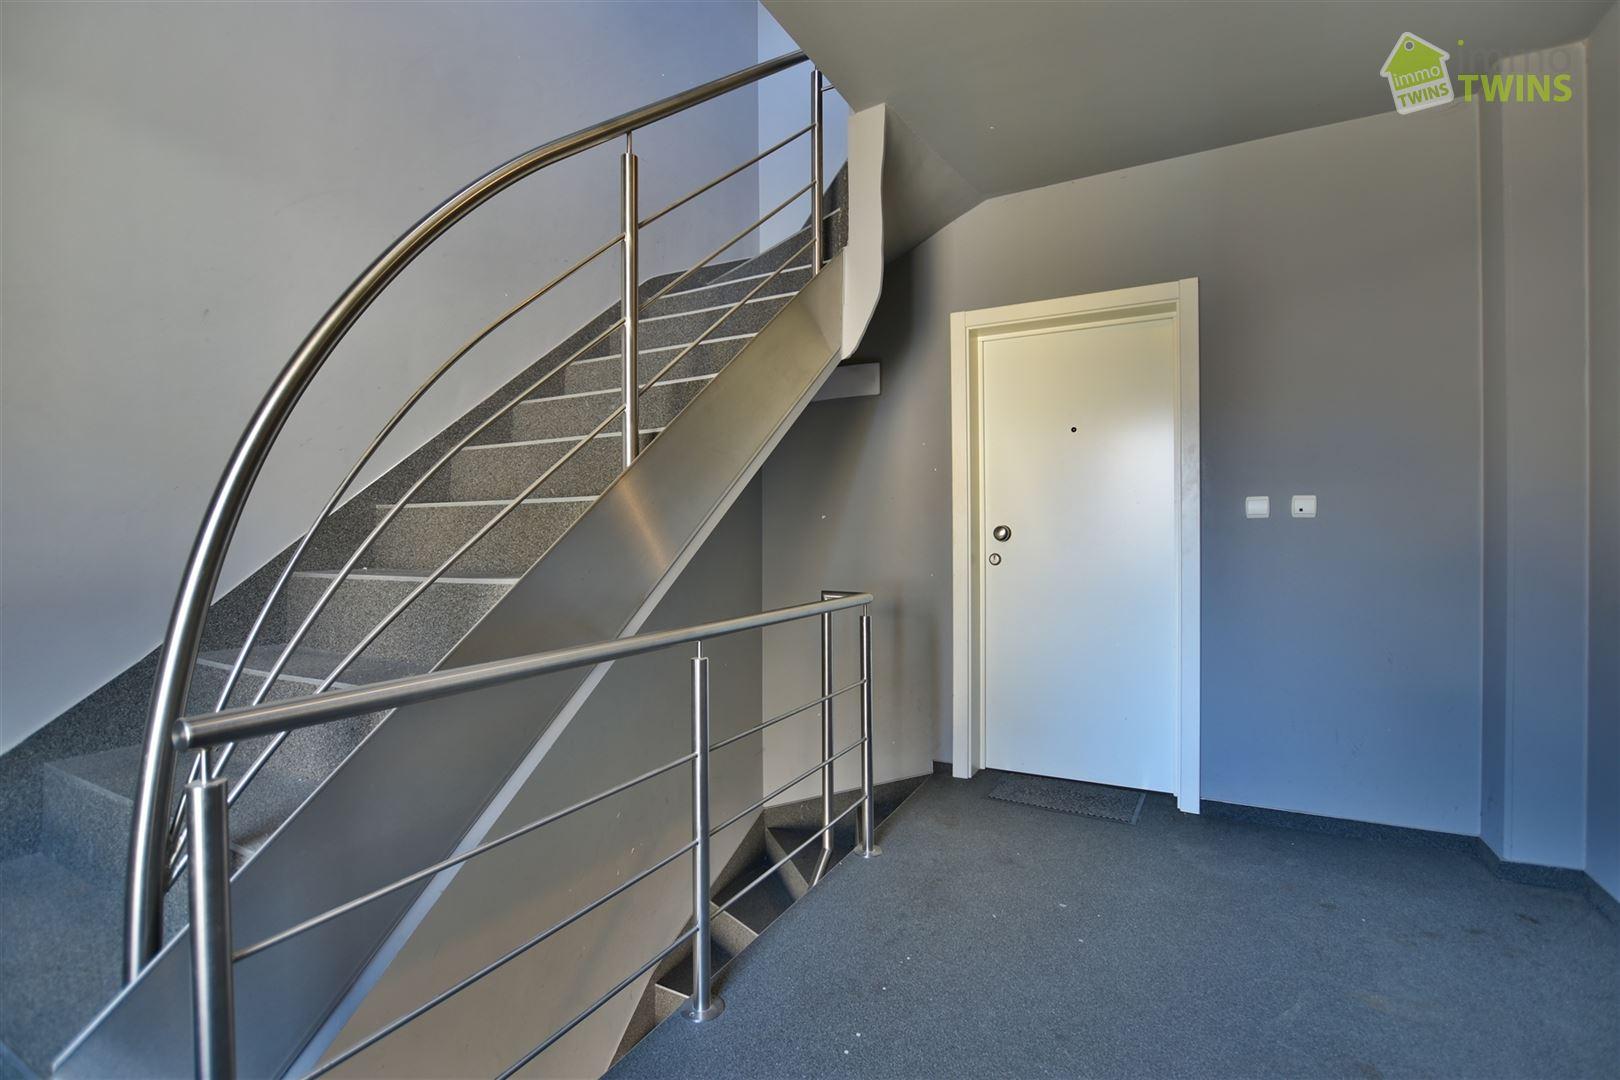 Foto 2 : Appartement te 9200 Sint-Gillis-bij-Dendermonde (België) - Prijs € 219.000